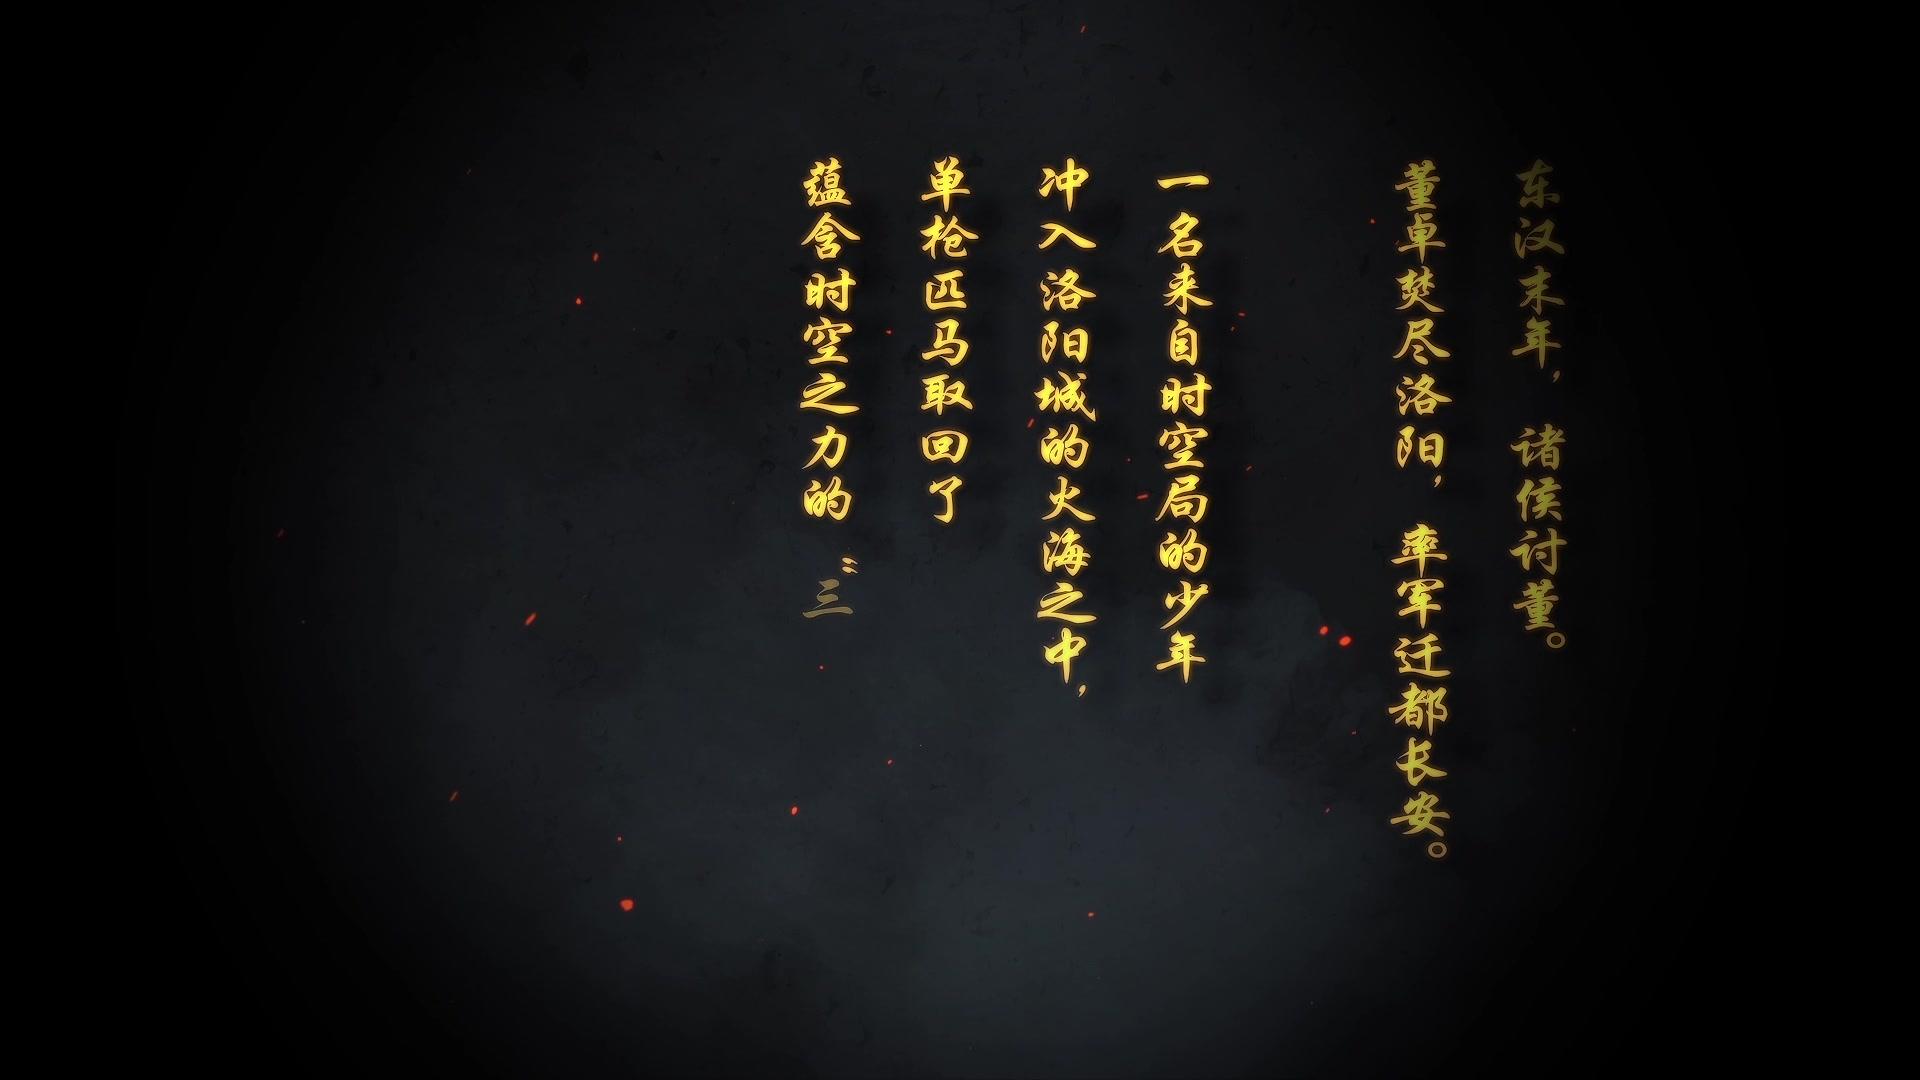 《少年三国志2》官方CG完整版首曝